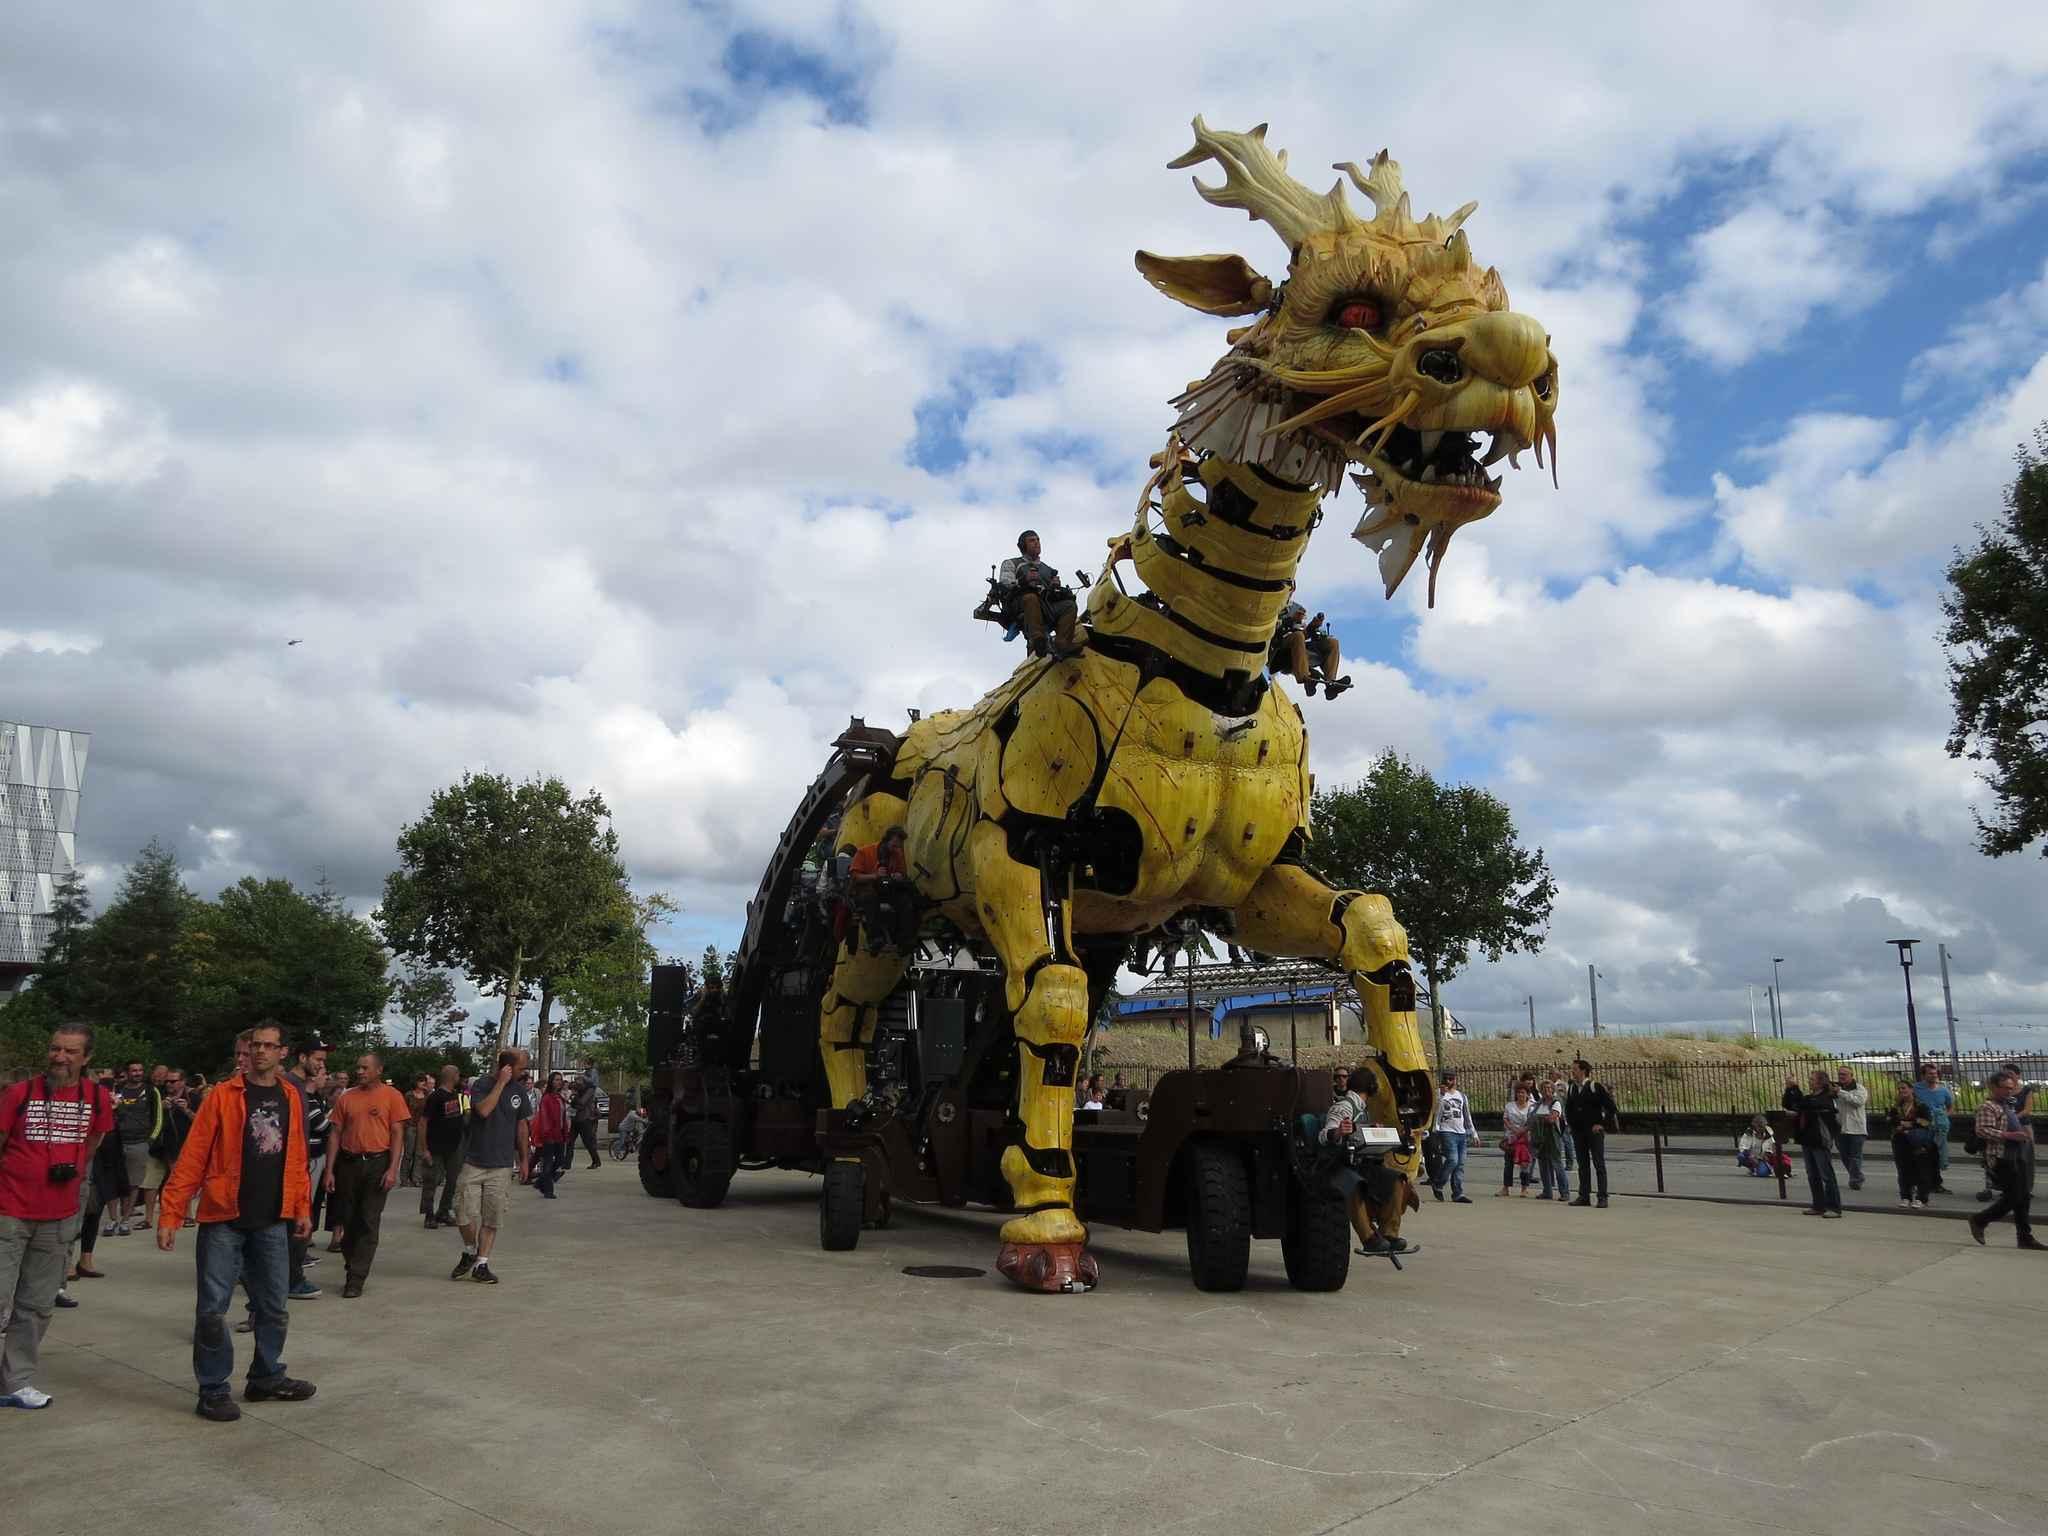 nantes le cheval dragon va s 39 envoler d finitivement pour la chine. Black Bedroom Furniture Sets. Home Design Ideas